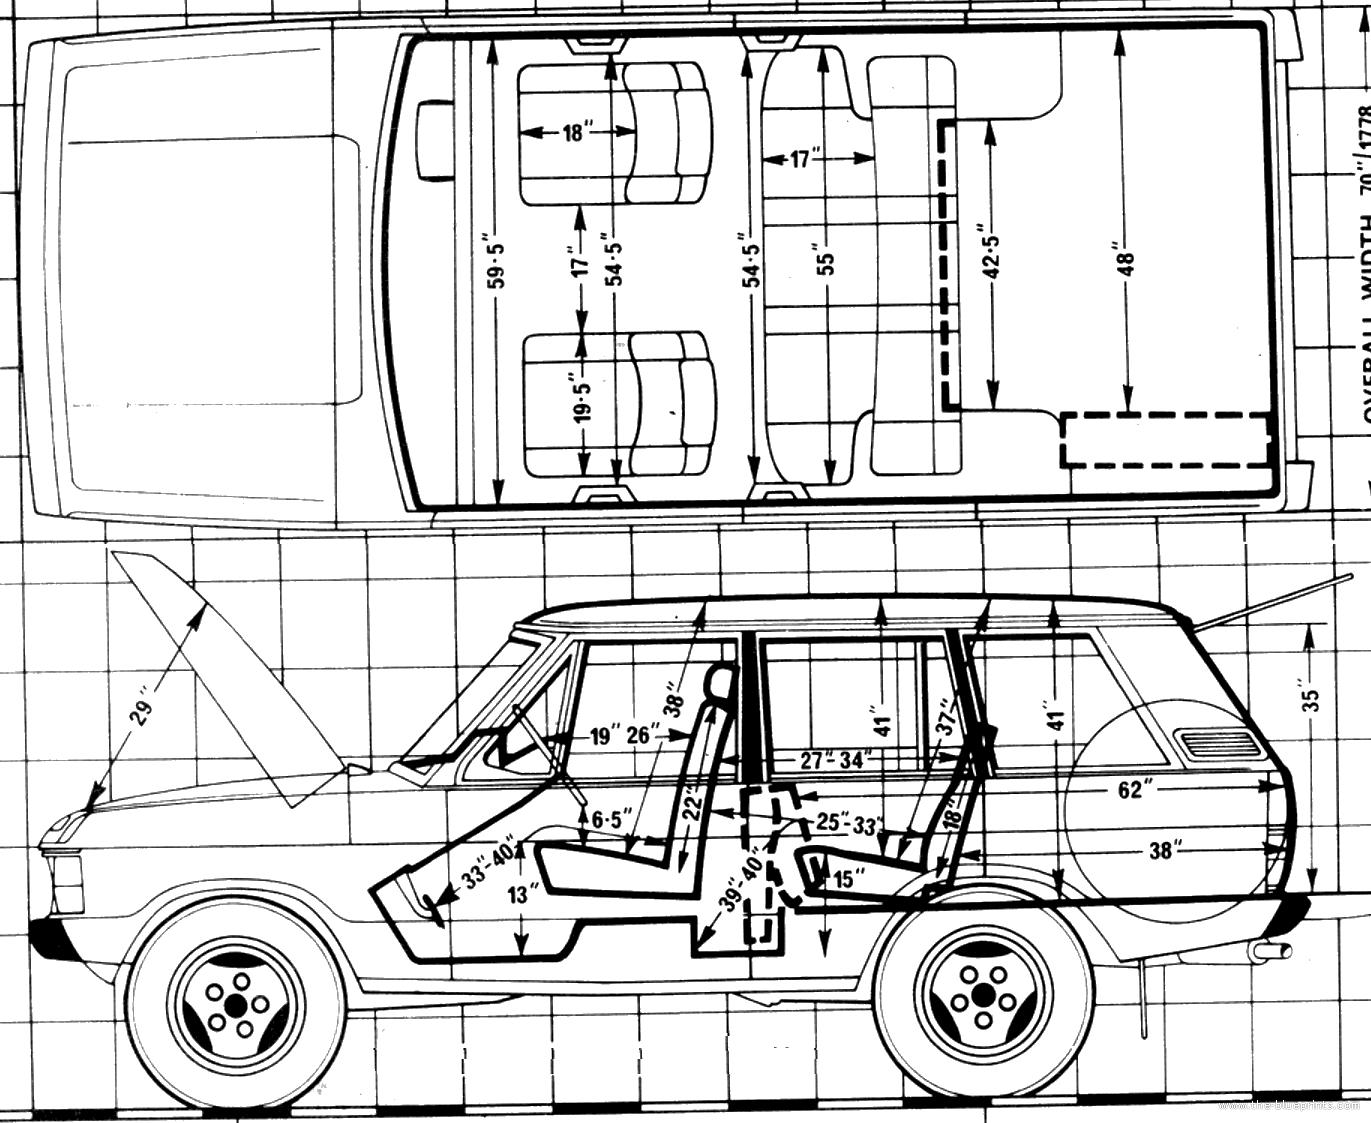 Blueprints Gt Cars Gt Range Rover Gt Range Rover 3 5 V8 4